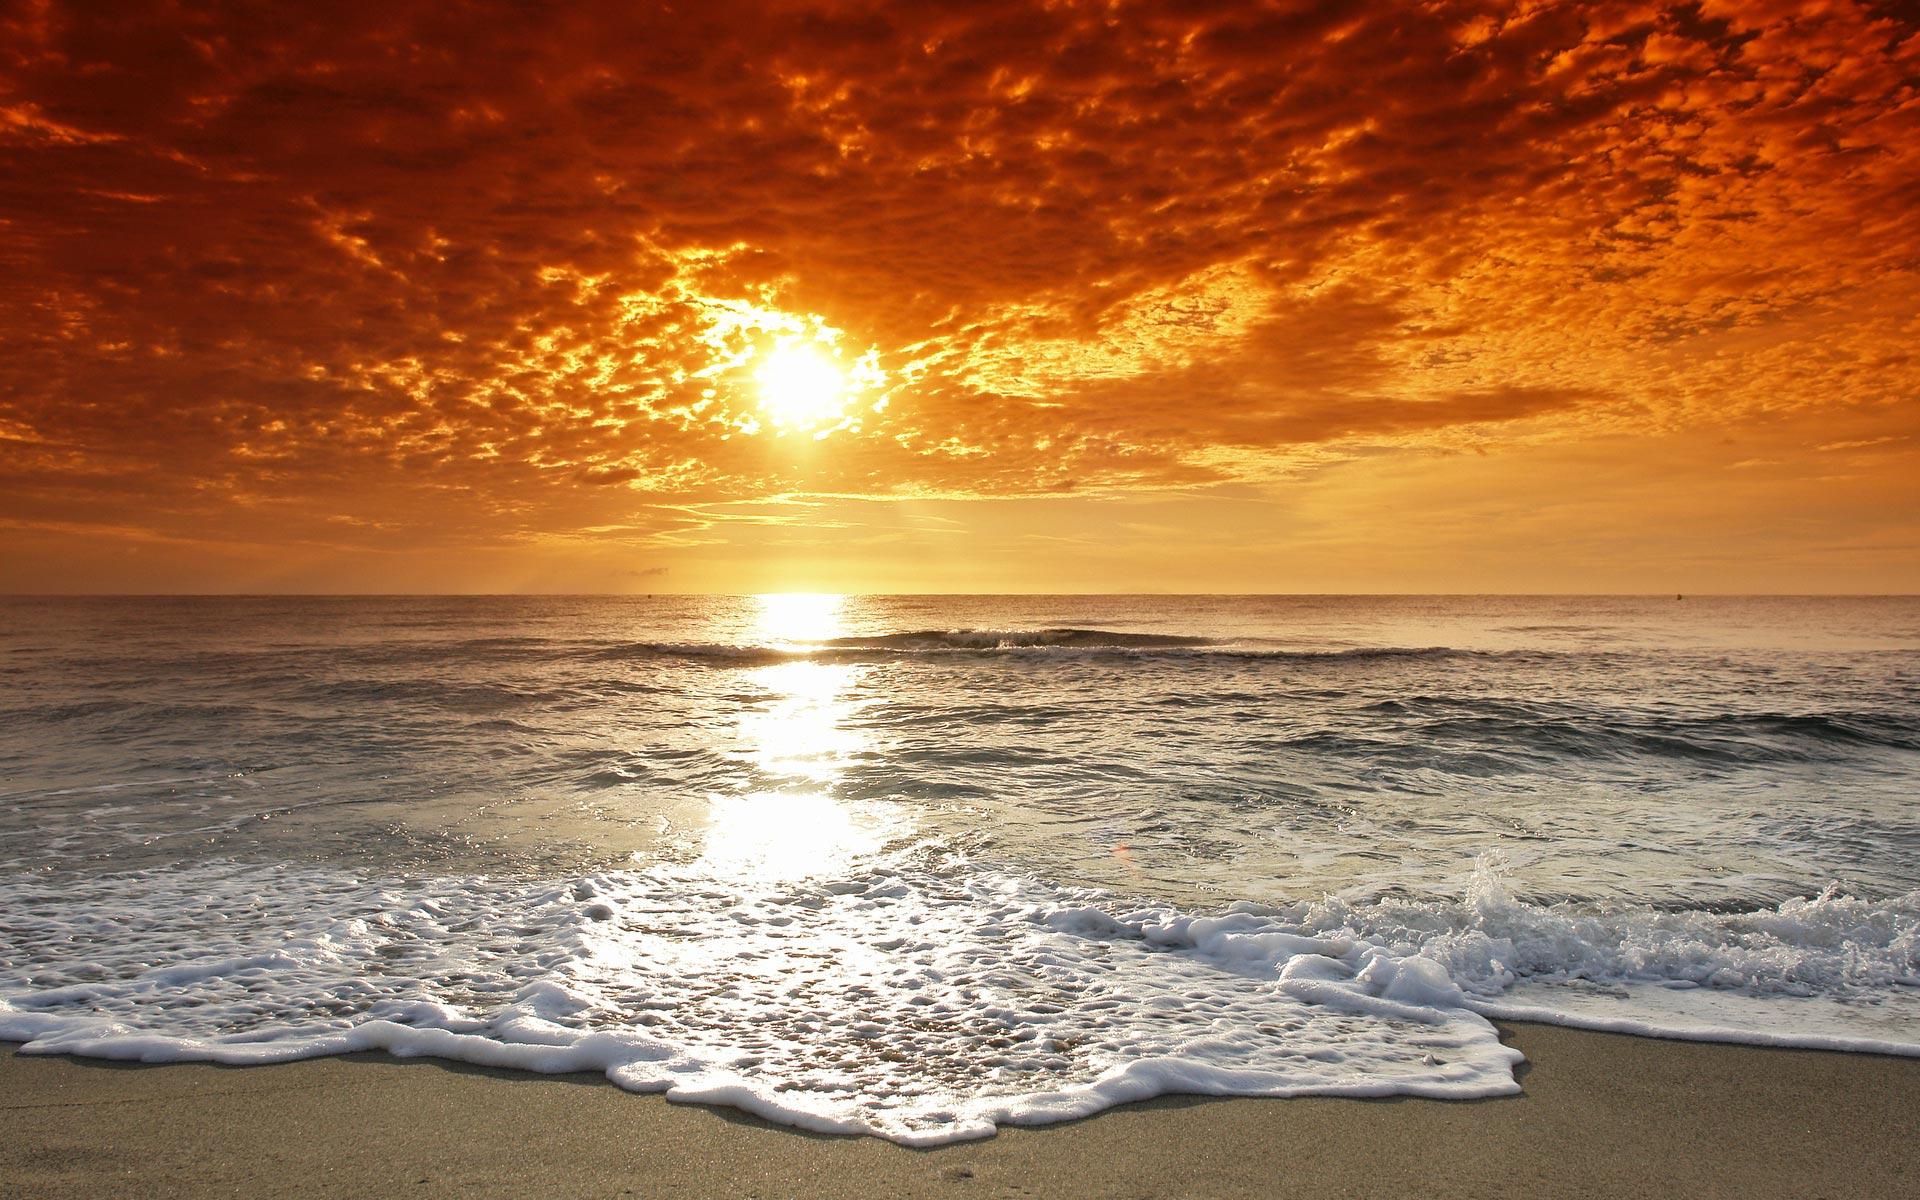 SunHost Resorts Johns Pass Madeira Beach Florida Beach During Sunset